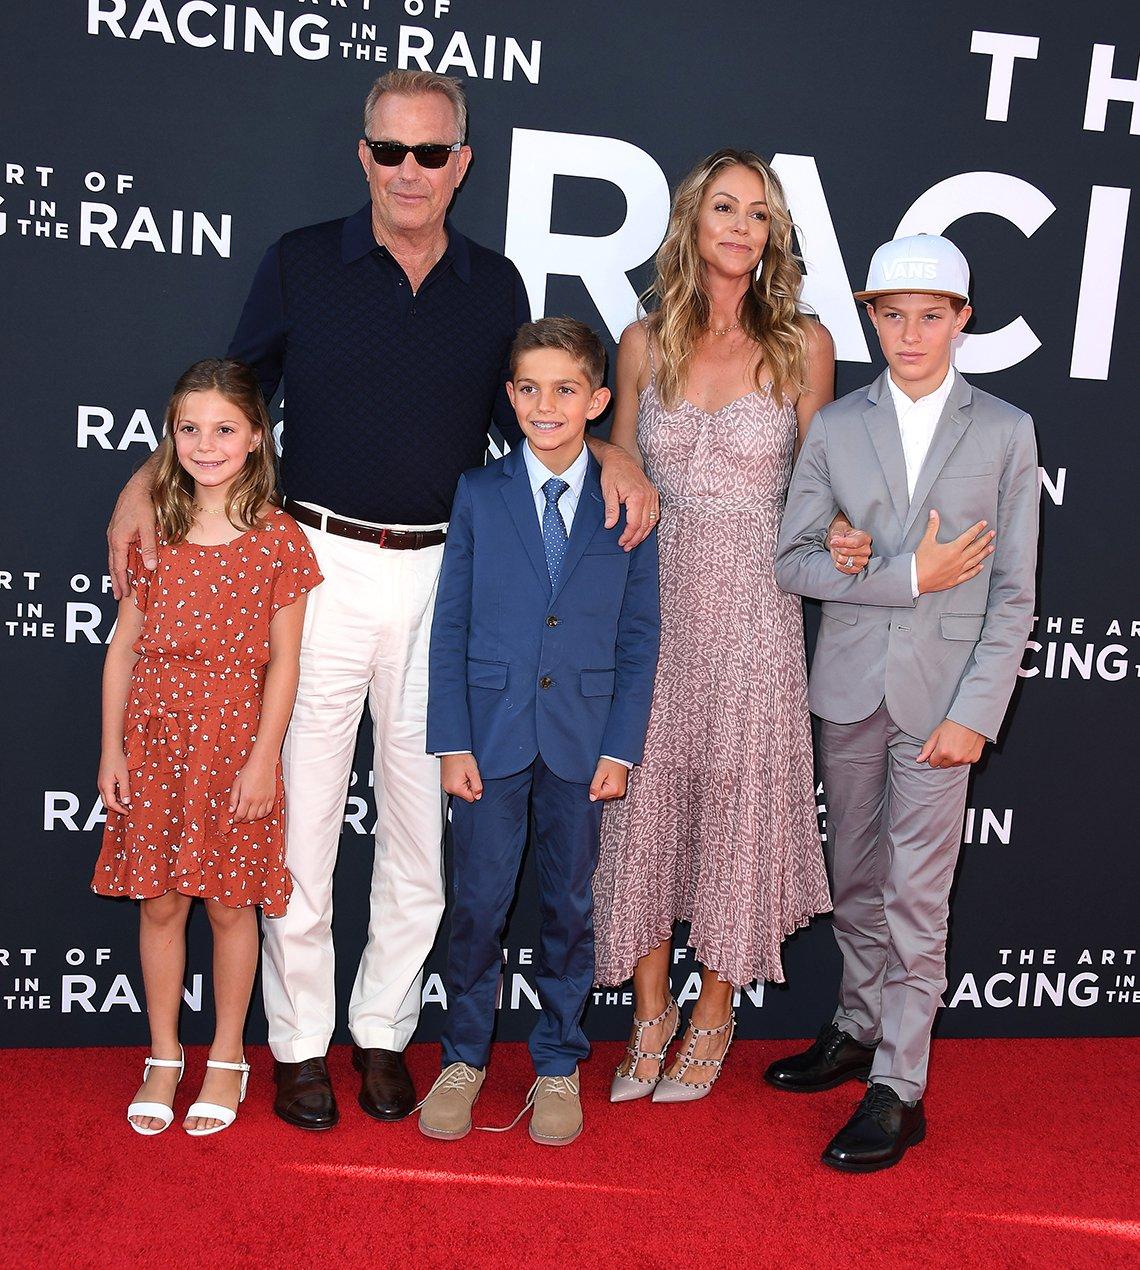 Kevin Costner con su esposa Christine Baumgartner y sus tres hijos. Teatro El Capitán, agosto 1, 2019, Los Ángeles, California.